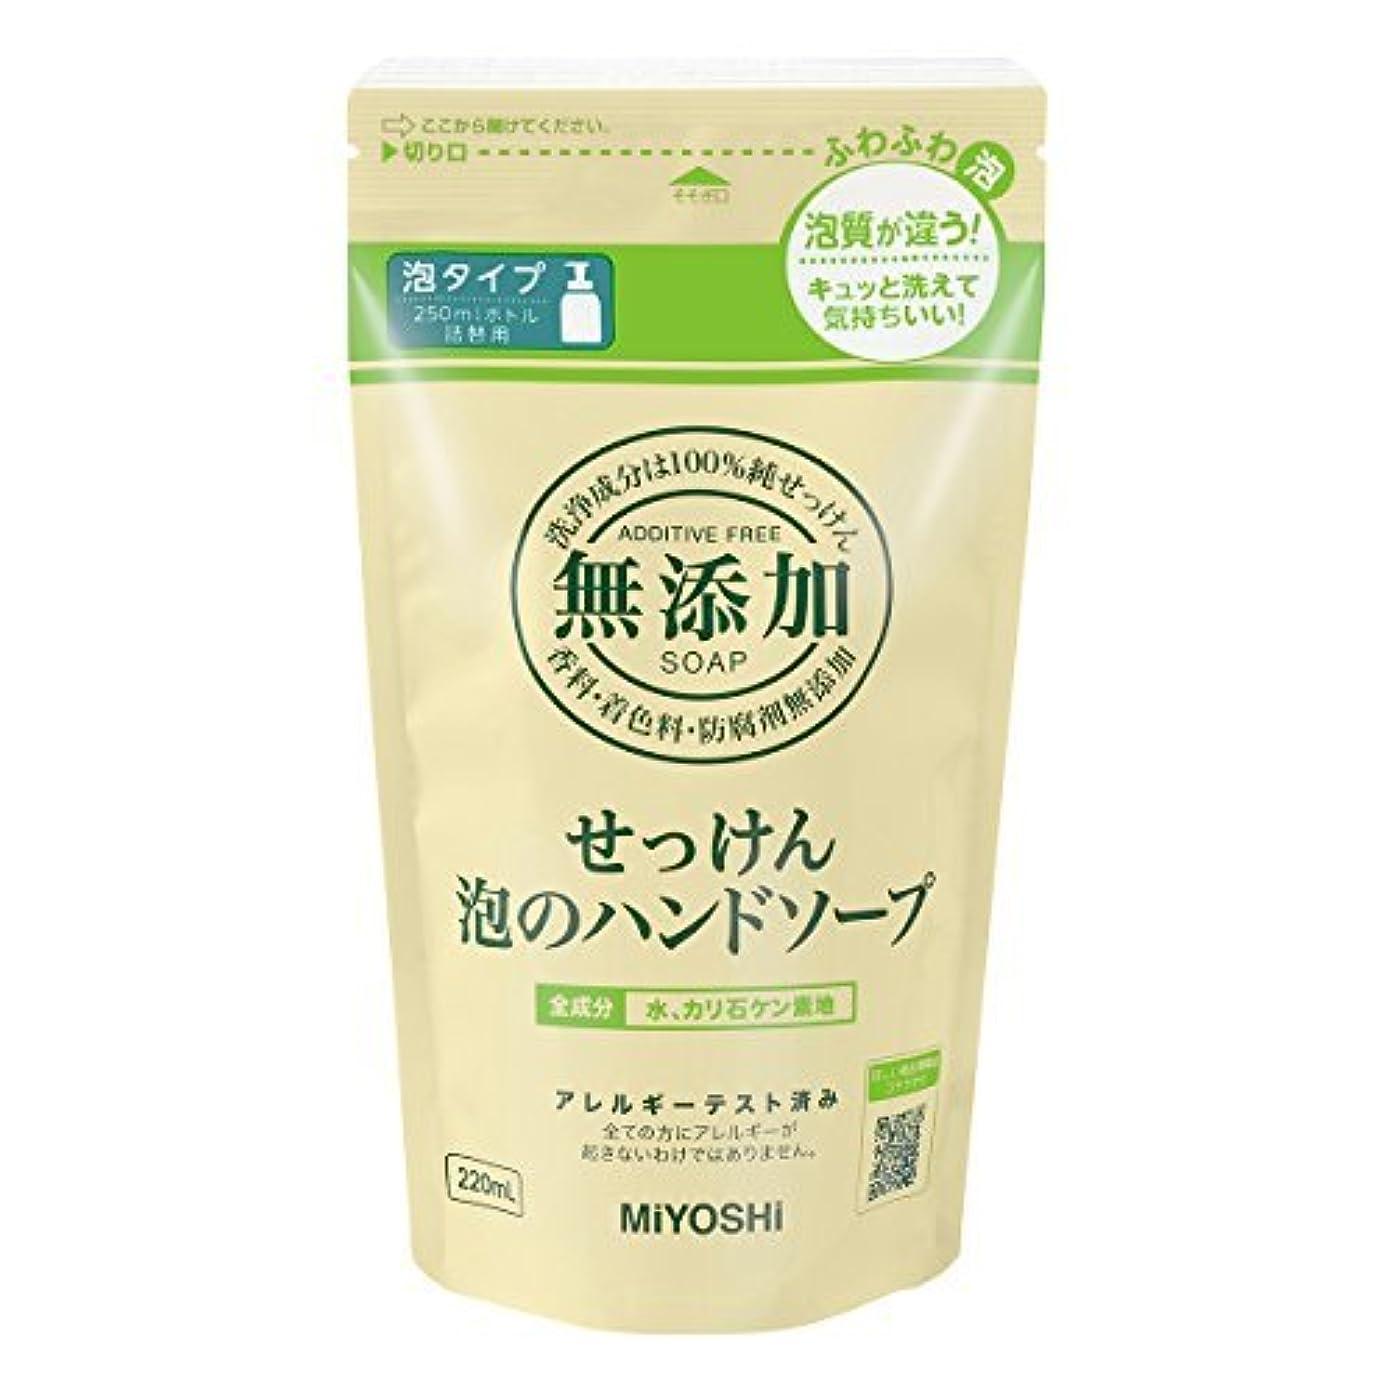 慣れているセーブマインドミヨシ石鹸 無添加 せっけん 泡のハンドソープ つめかえ用 220ml×24個セット (無添加石鹸)